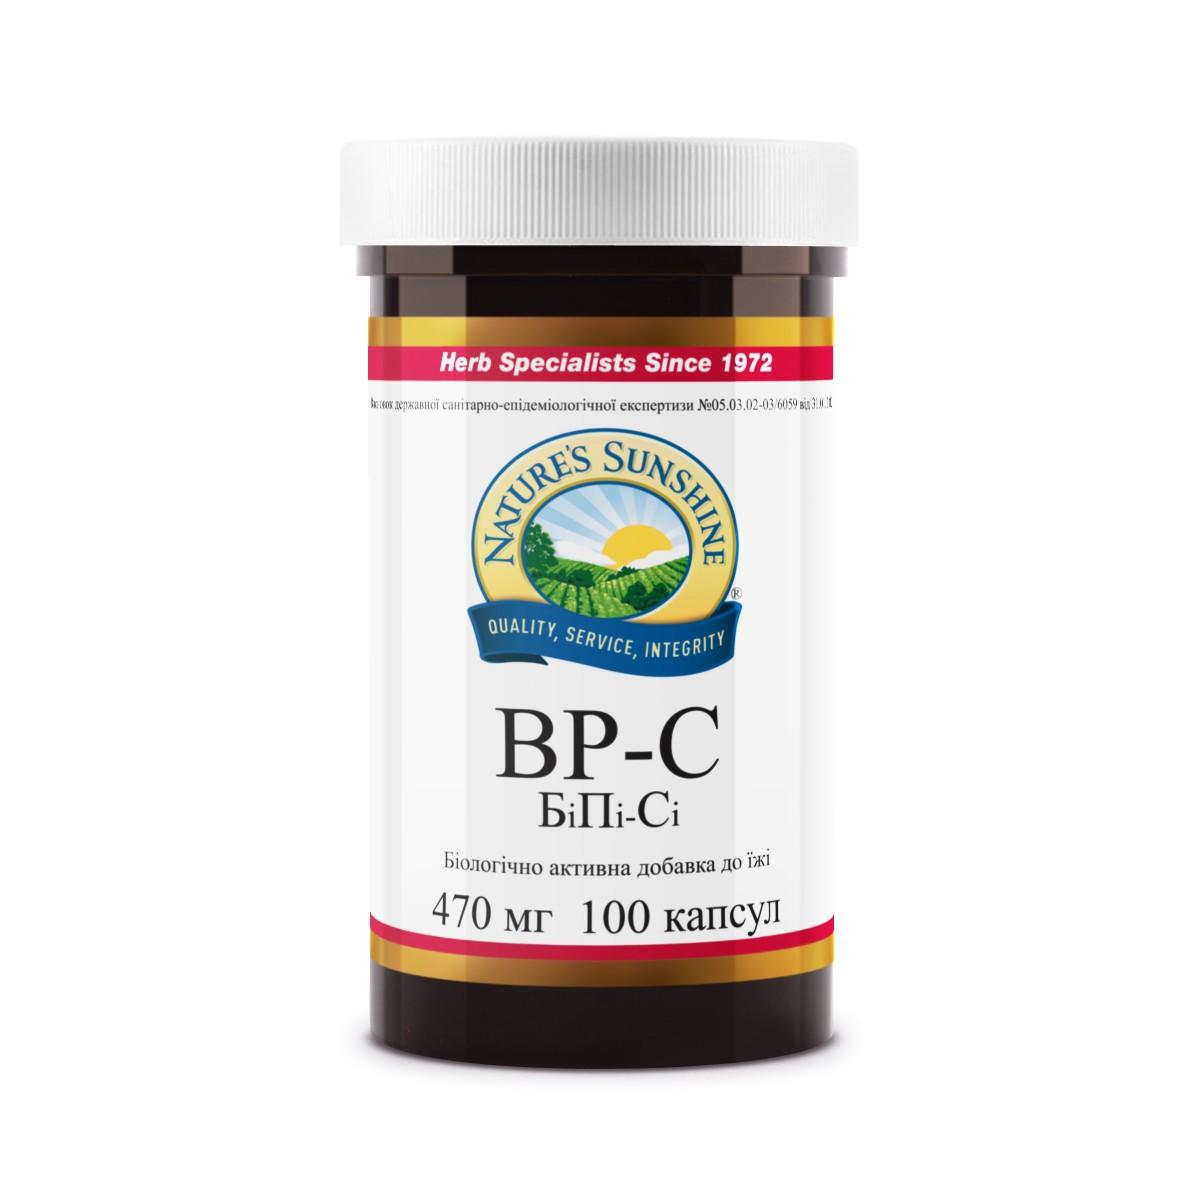 BP-C [1881] (-20%)